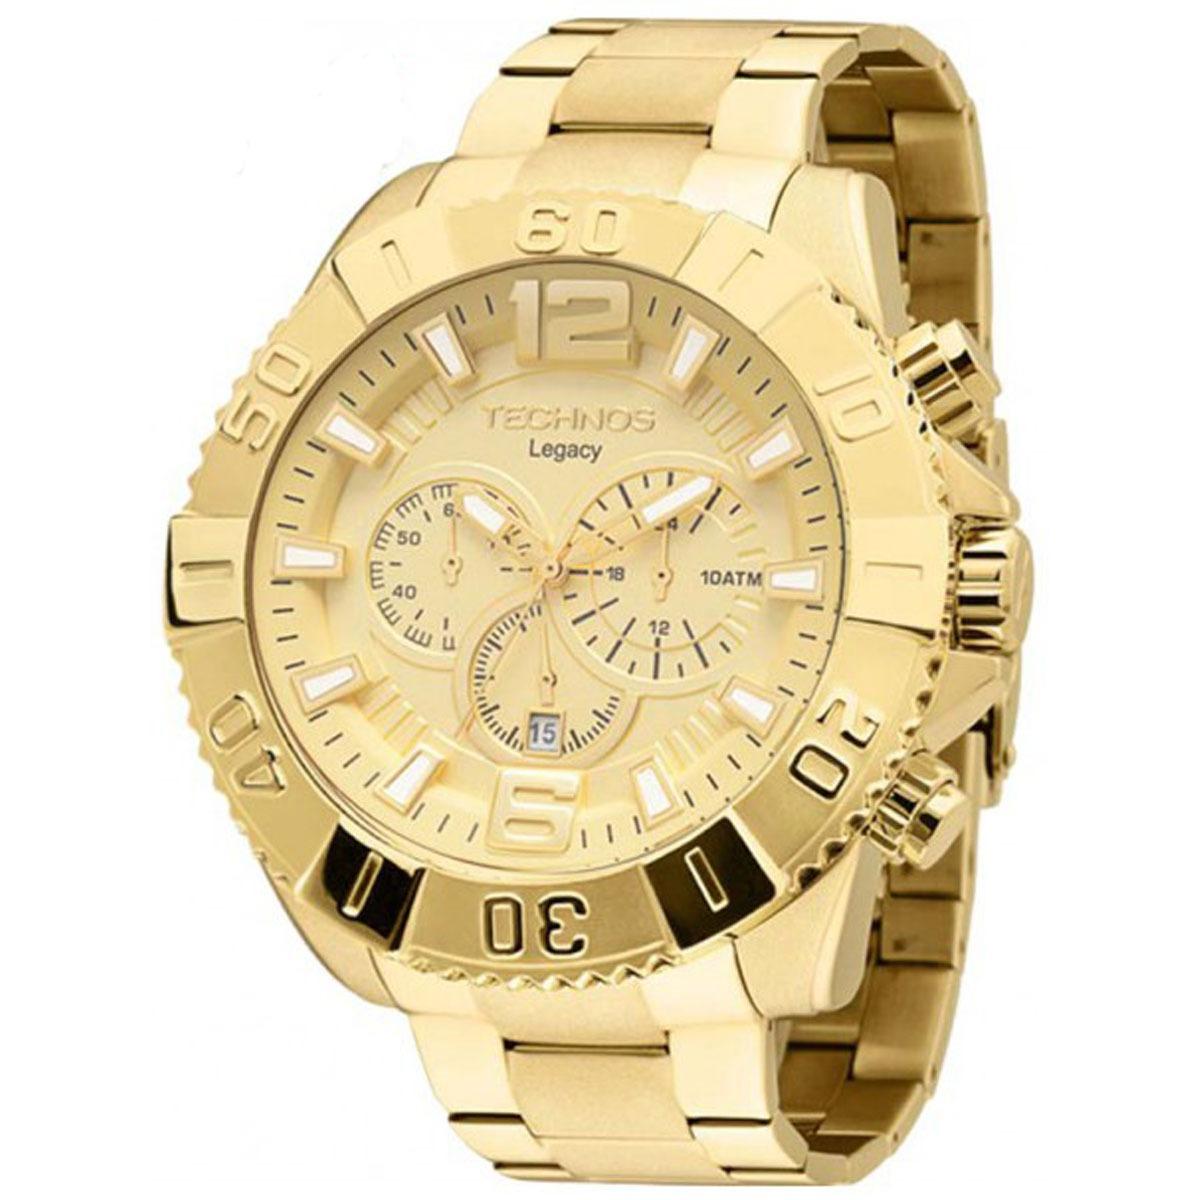 b28d0ad035f Relógio Technos Masculino Classic-legacy Os20ib 4x. - R  549